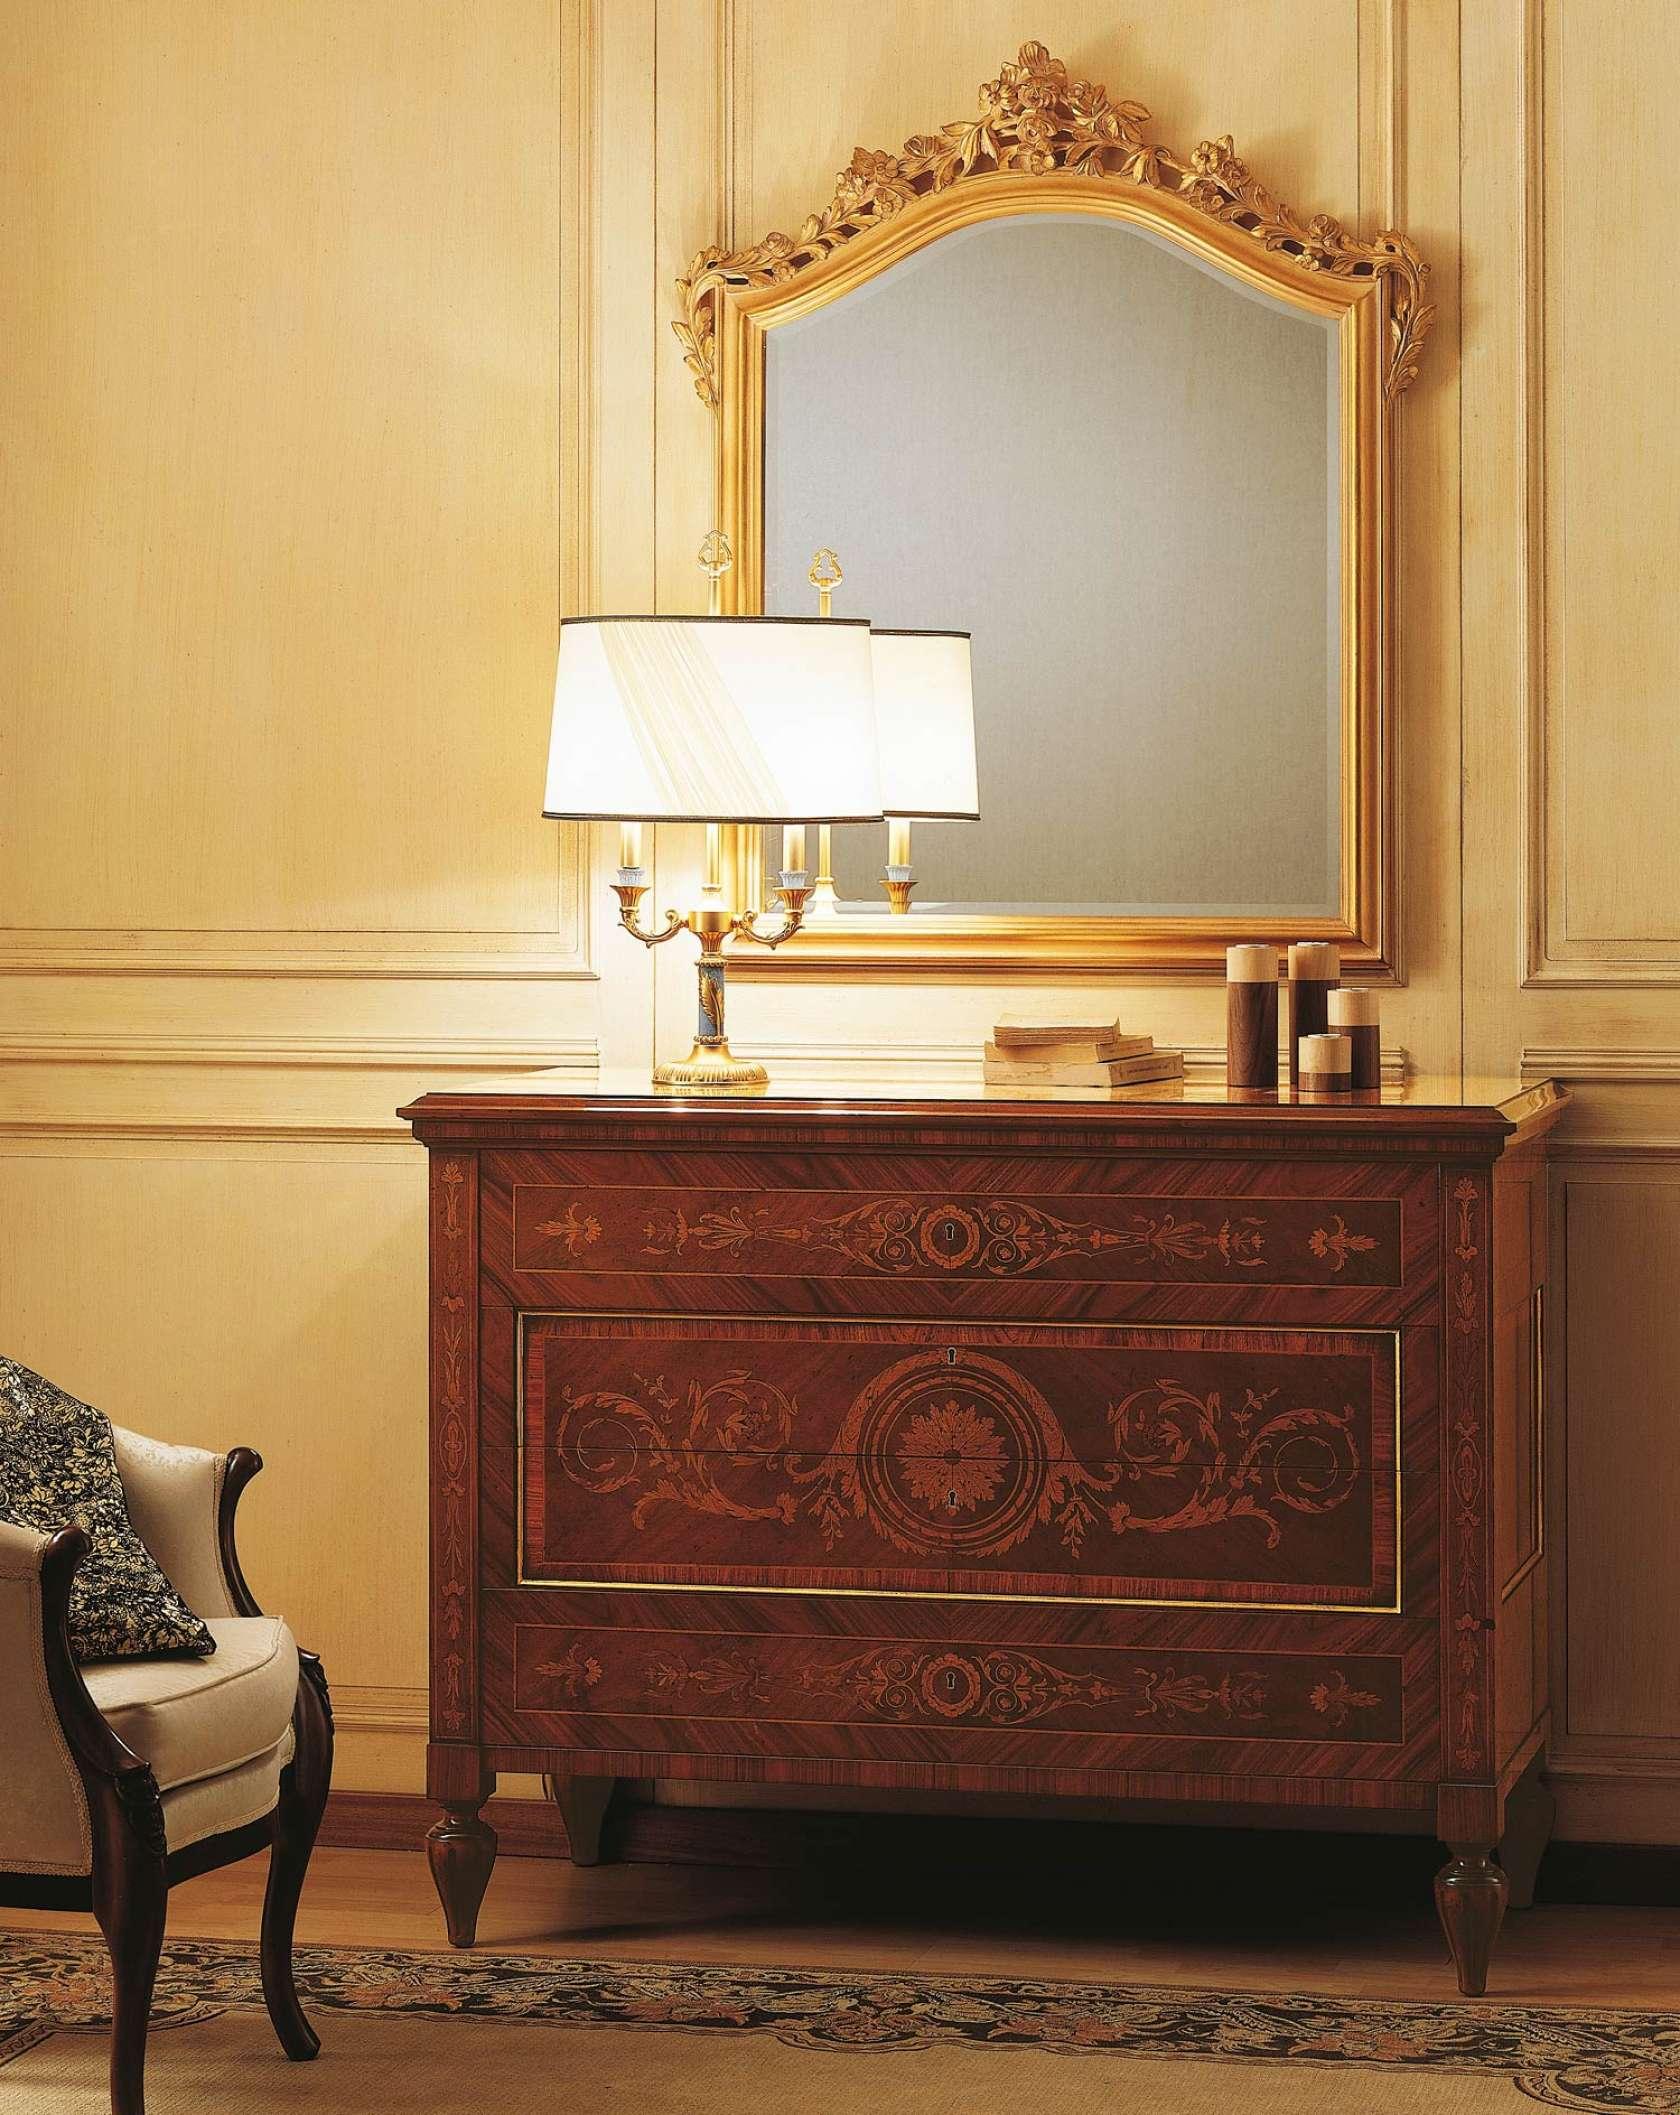 Camera da letto classica i maggiolini com intarsiato e - Camera da letto classica ...